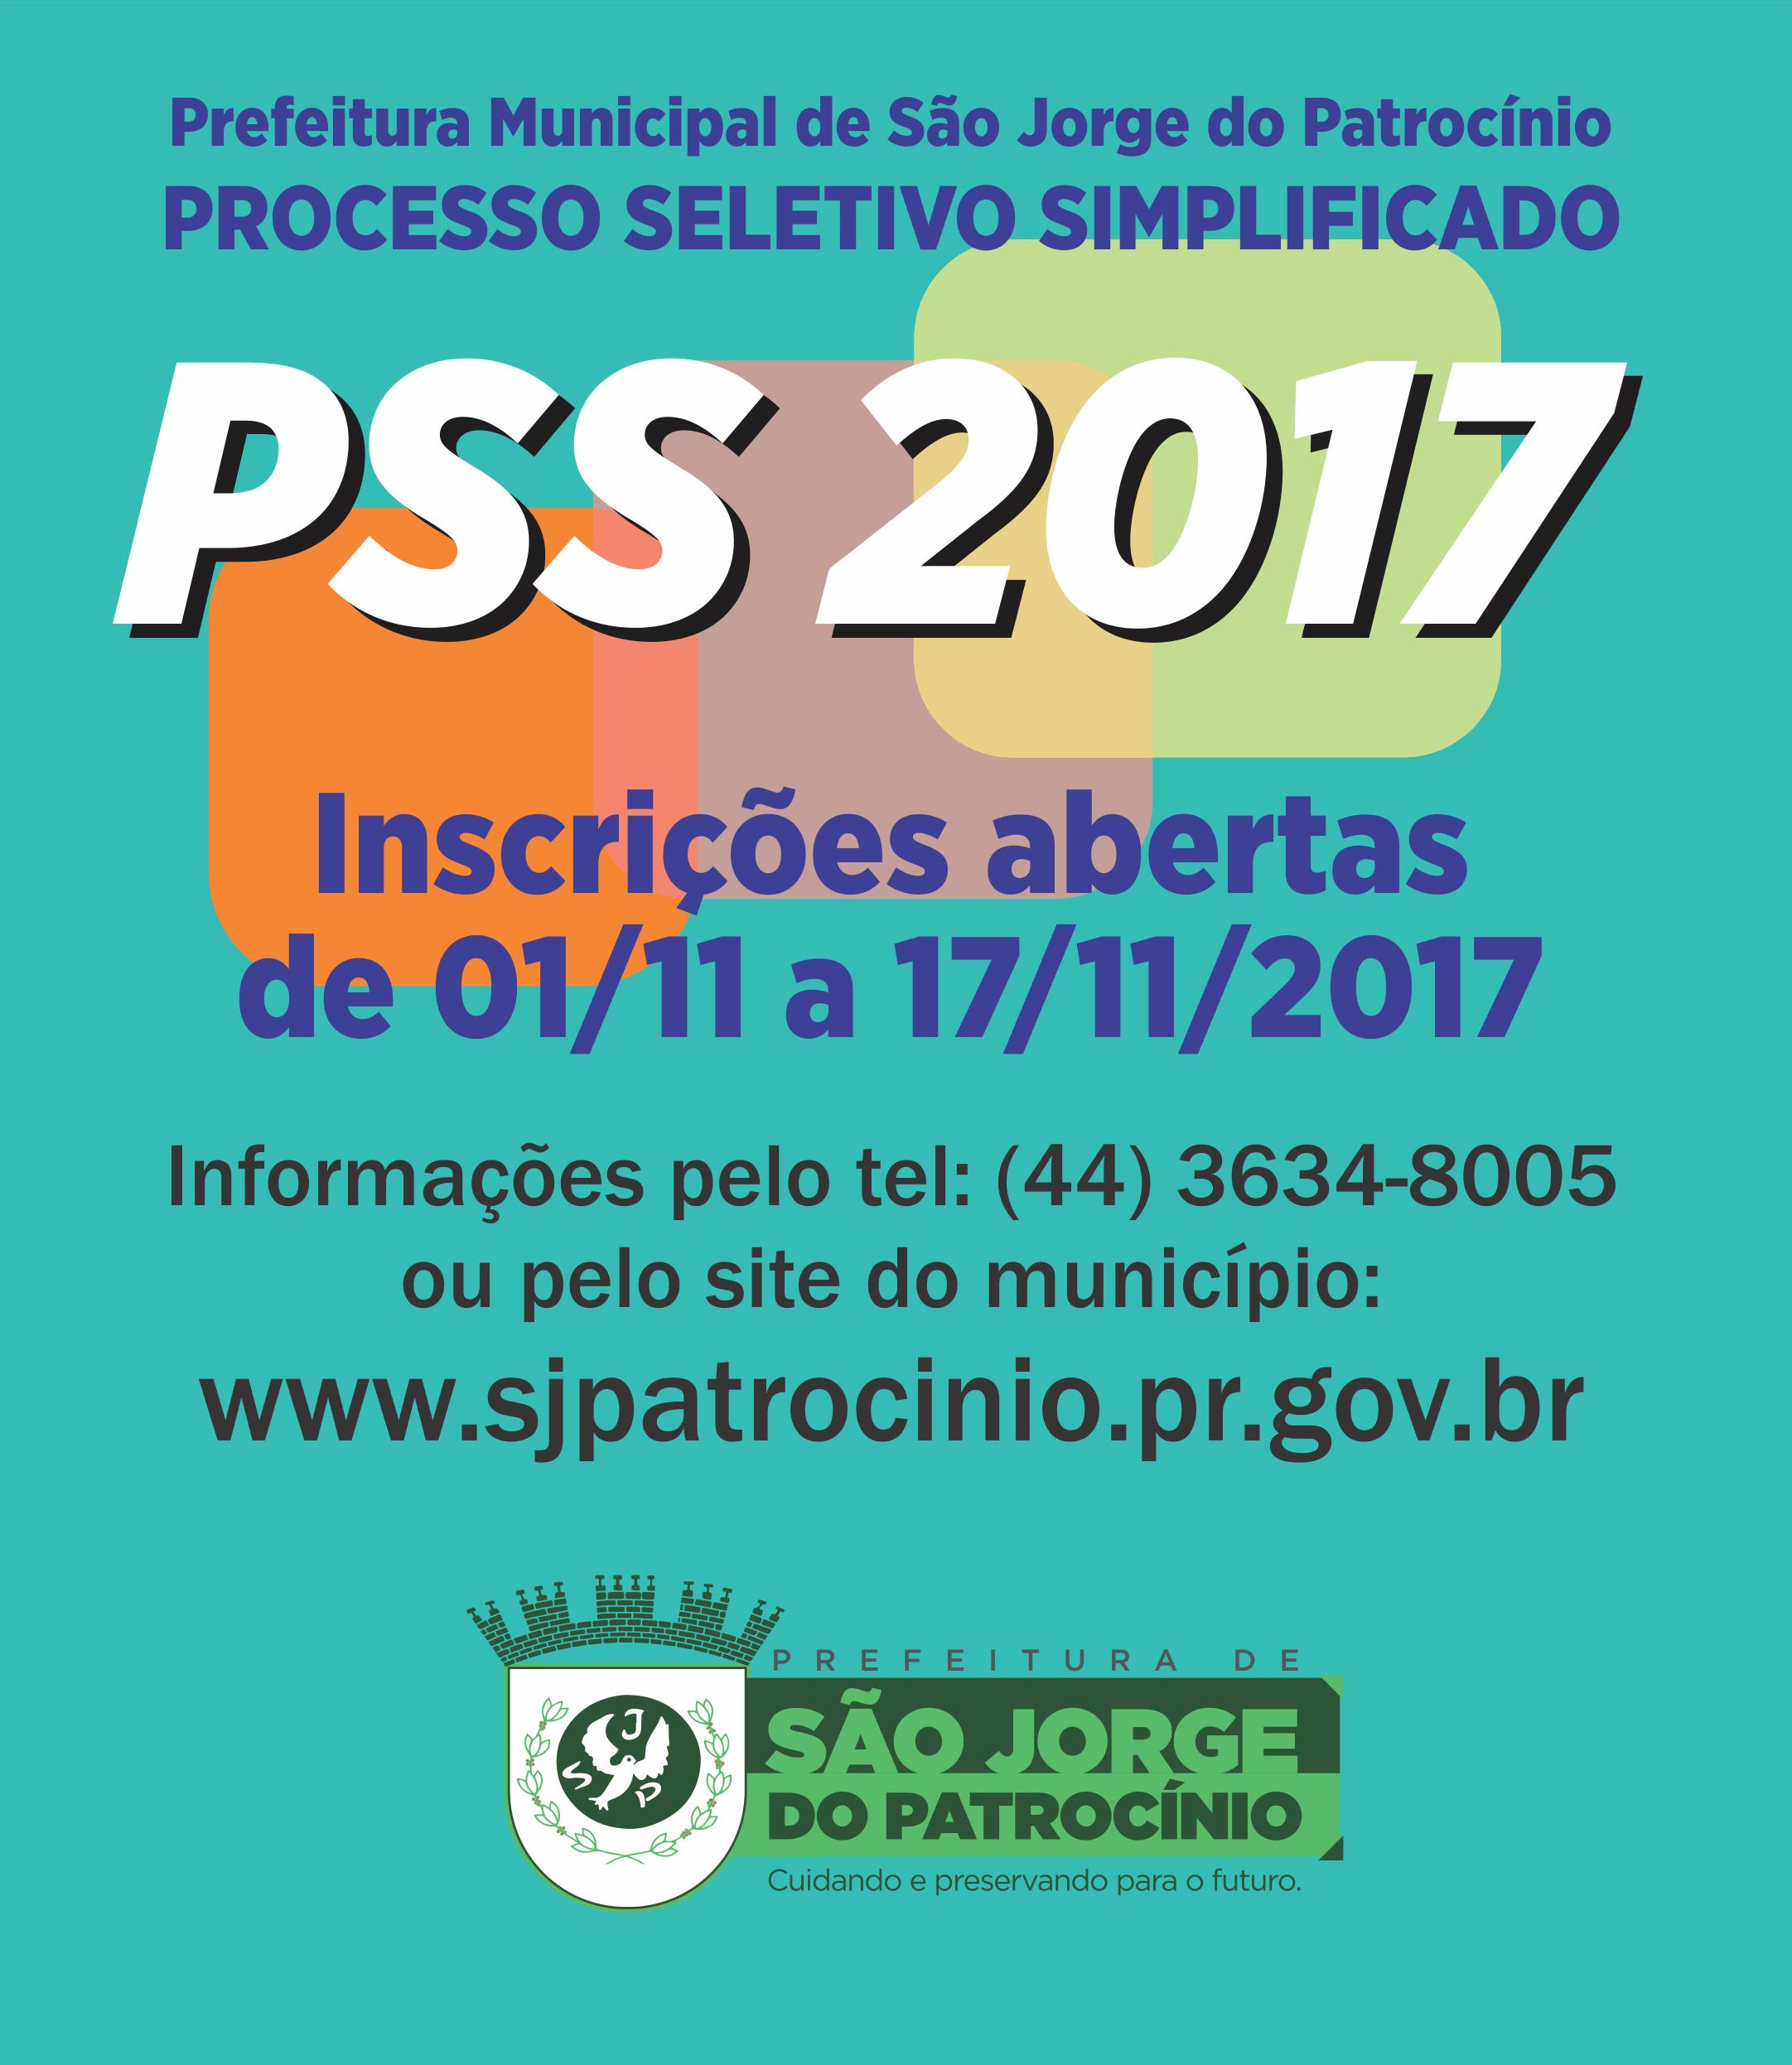 PREFEITURA MUNICIPAL DÁ INÍCIO AO PROCESSO SELETIVO SIMPLIFICADO - PSS